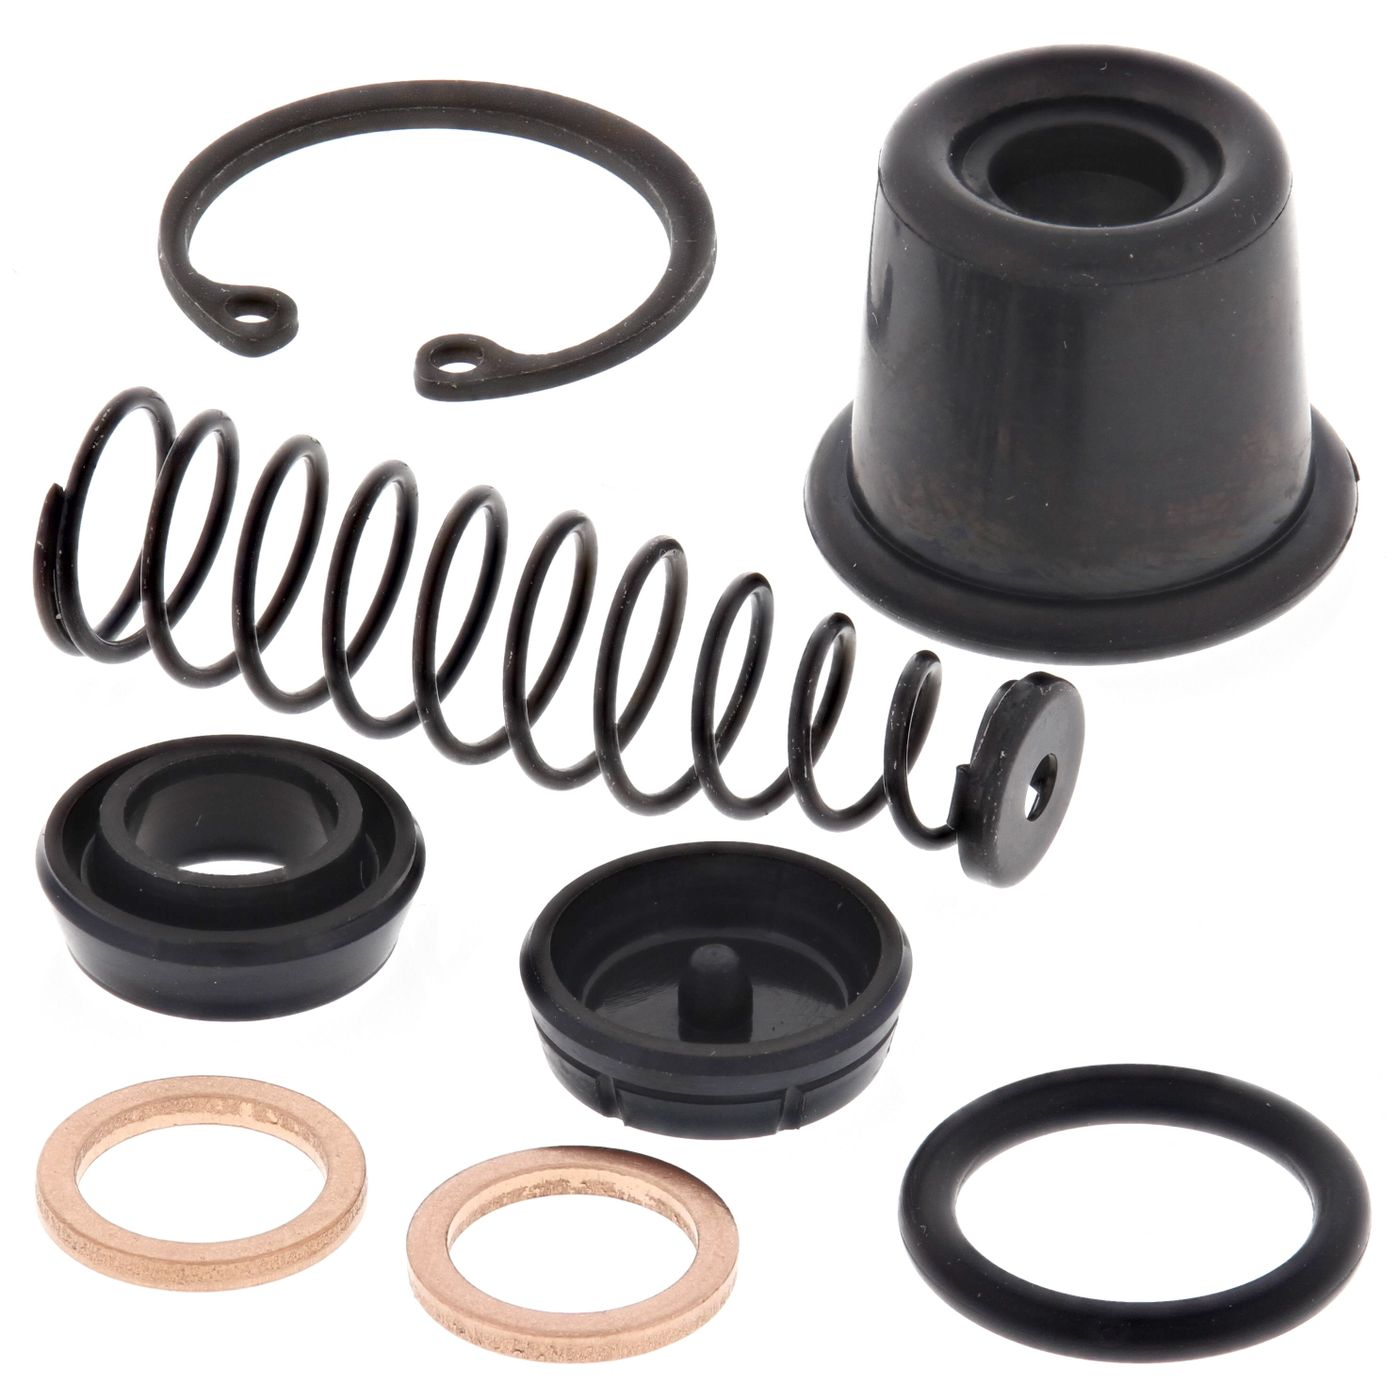 Wrp Master Cylinder Repair Kit - WRP181014 image